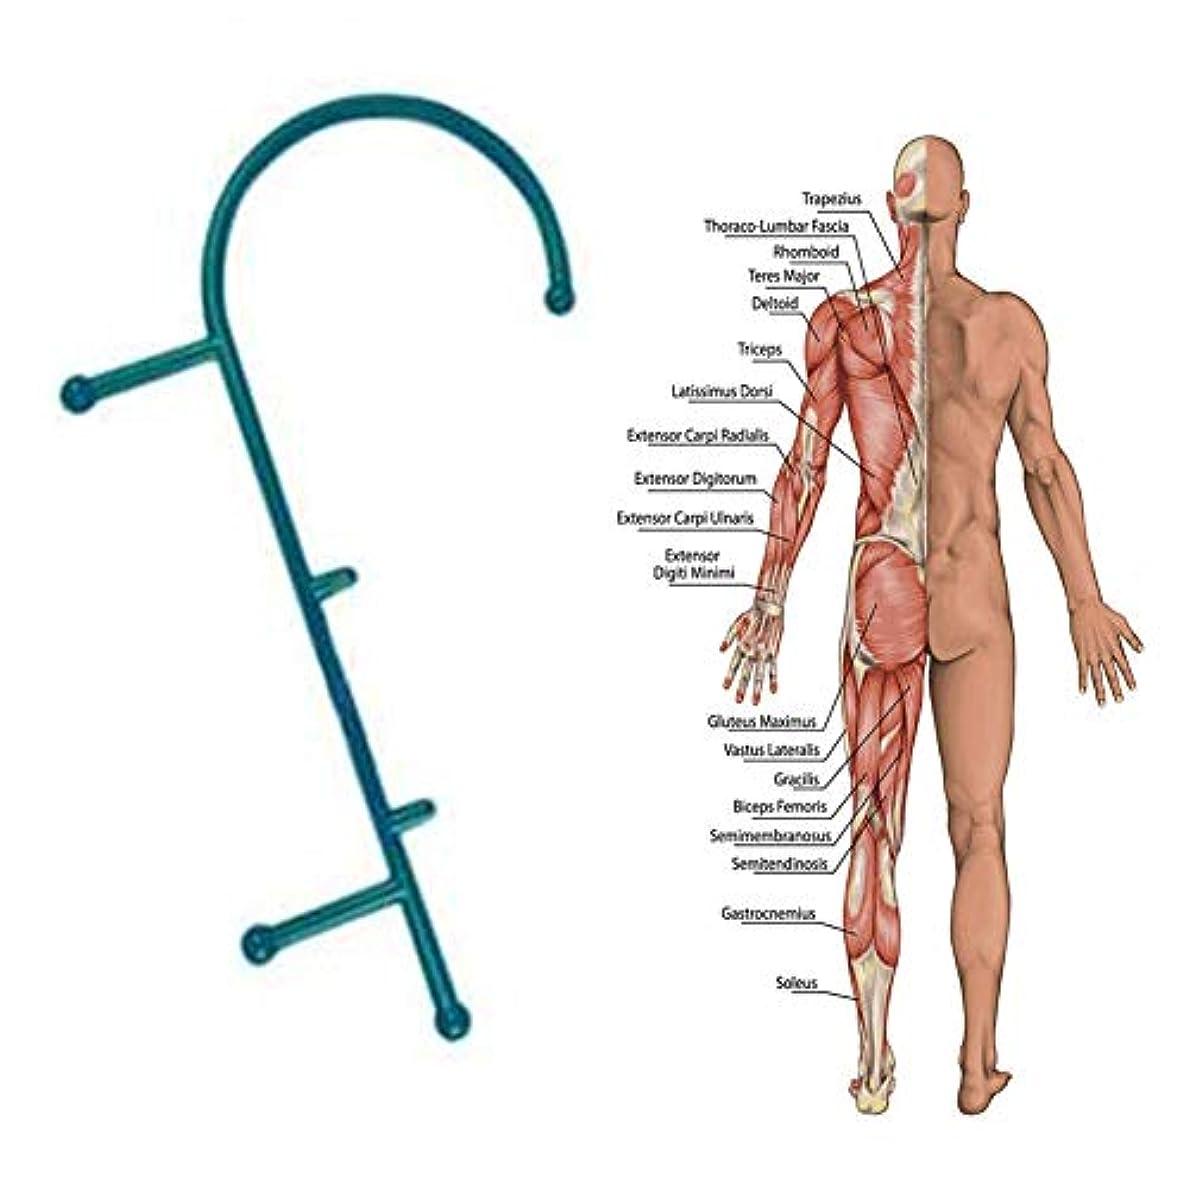 海藻イデオロギー傾斜トリガーポイントリリーフマッサージポイントセラピーマッサージツール背中の首の痛みのためのC字型ディープマッスルハンドマッサージャー筋肉マッスル筋膜リリース-ダークグリーン